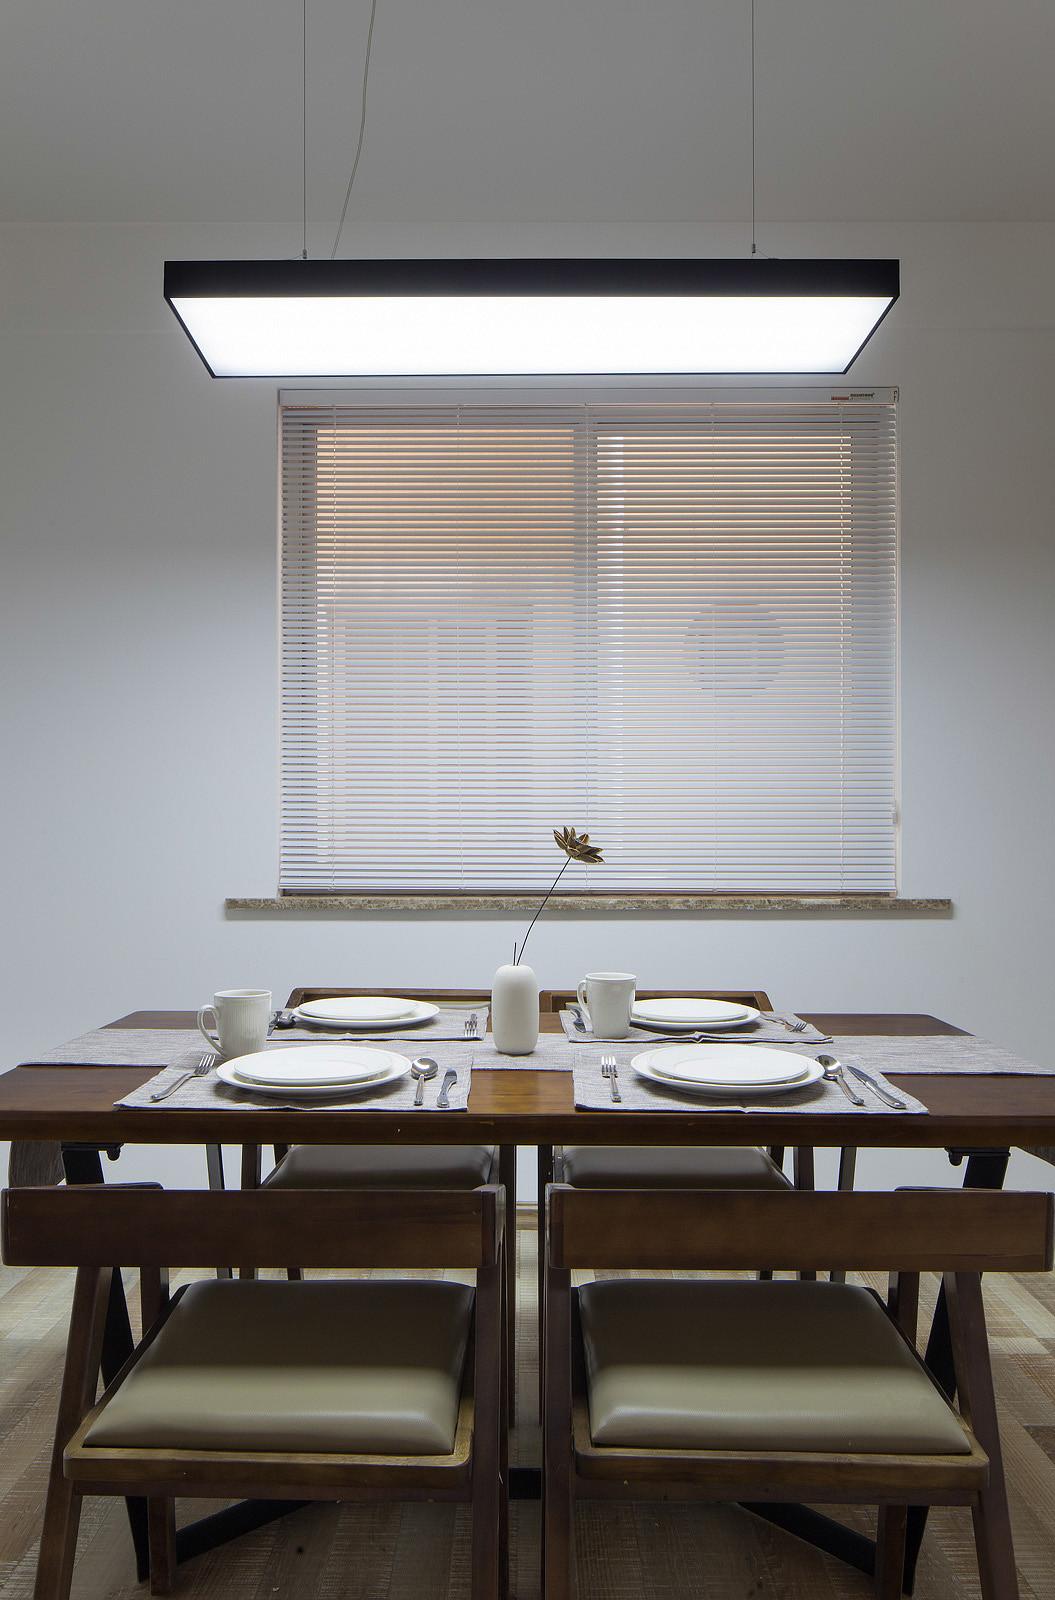 三居室北欧风格装修餐桌椅图片